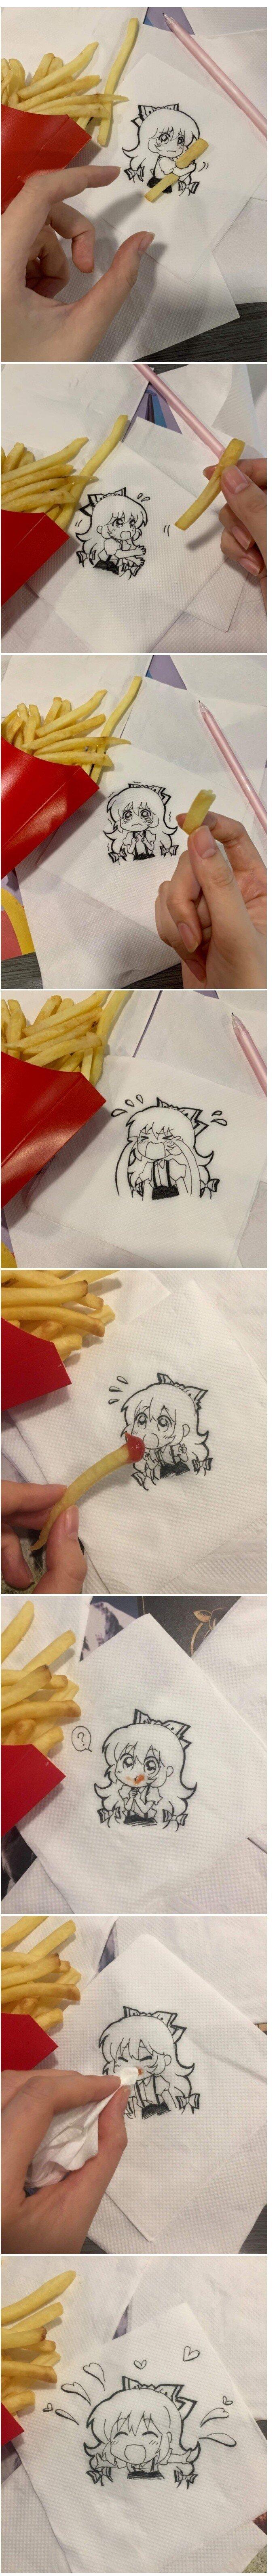 맥도날드에 간 금손